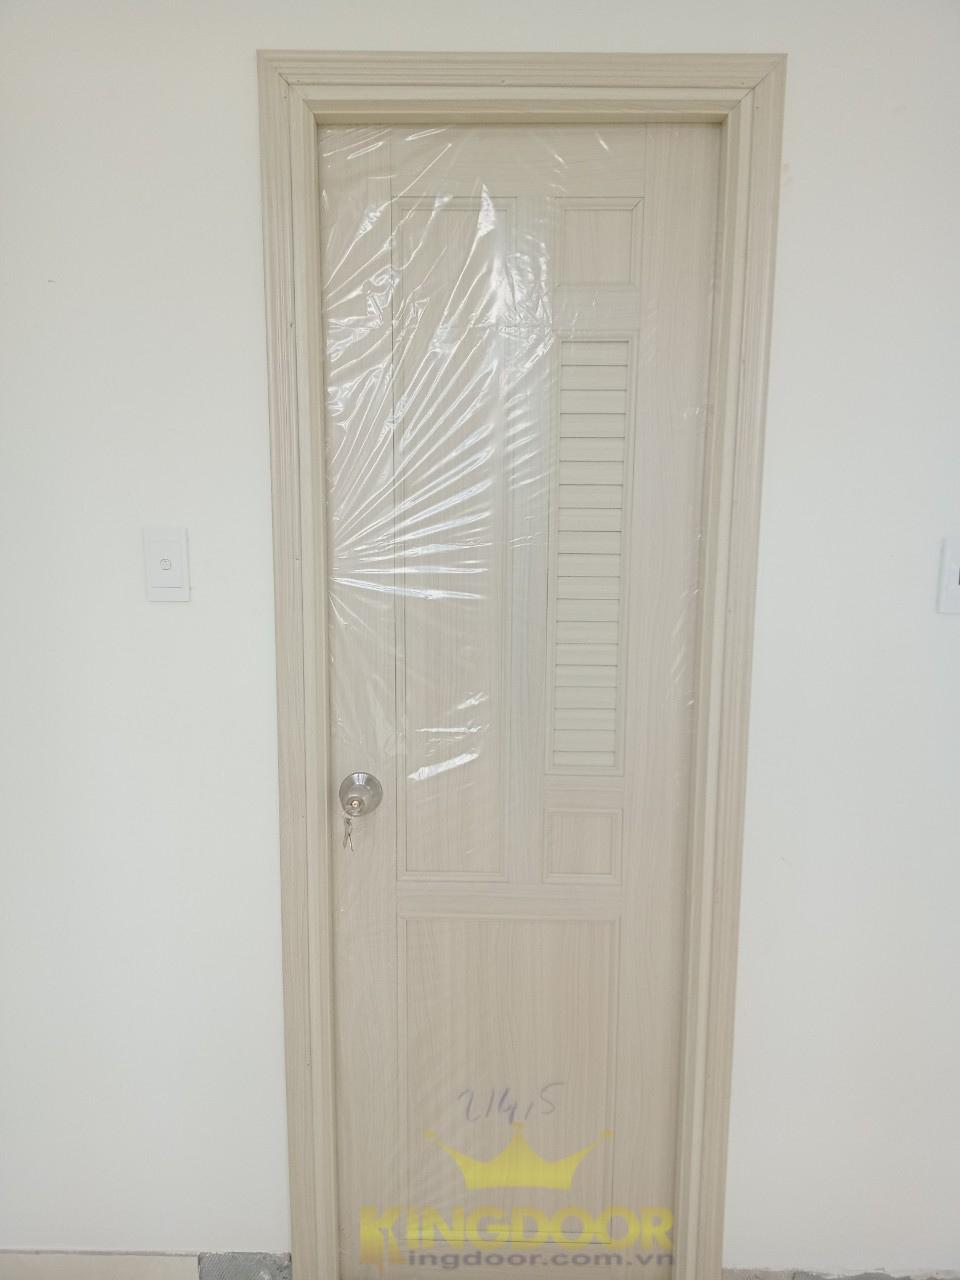 Mẫu cửa nhựa Đài Loan ghép thanh lắp đặt cho nhà vệ sinh.